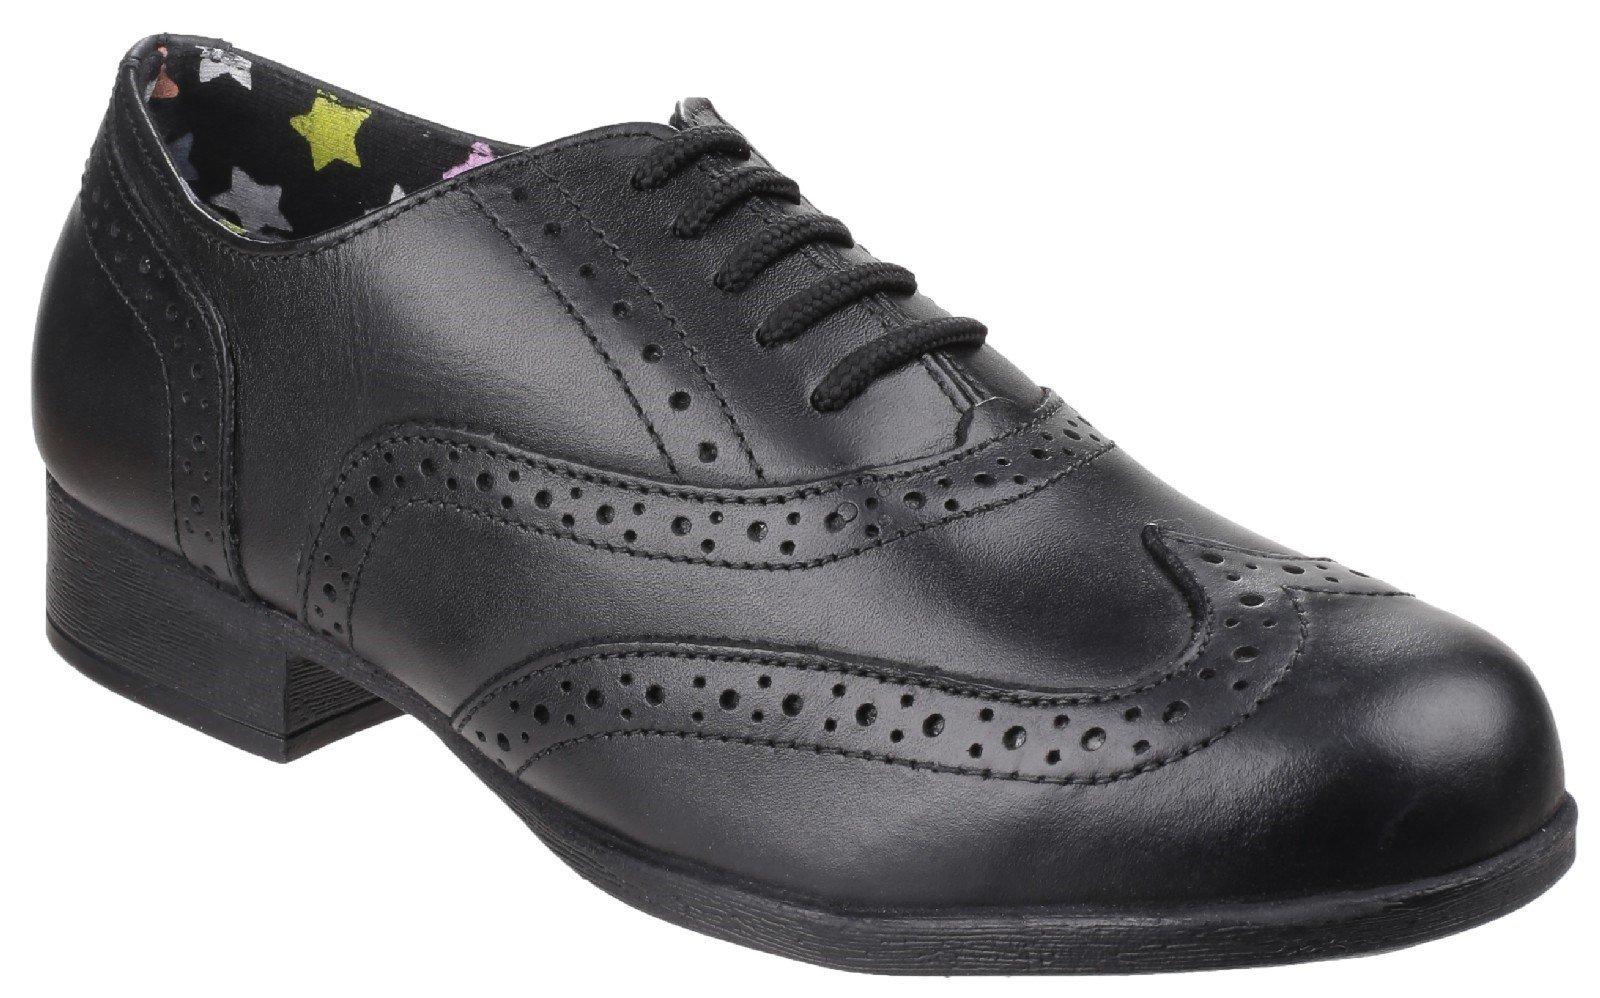 Hush Puppies Men's Kada Senior School Shoe Black 25337 - Black 6